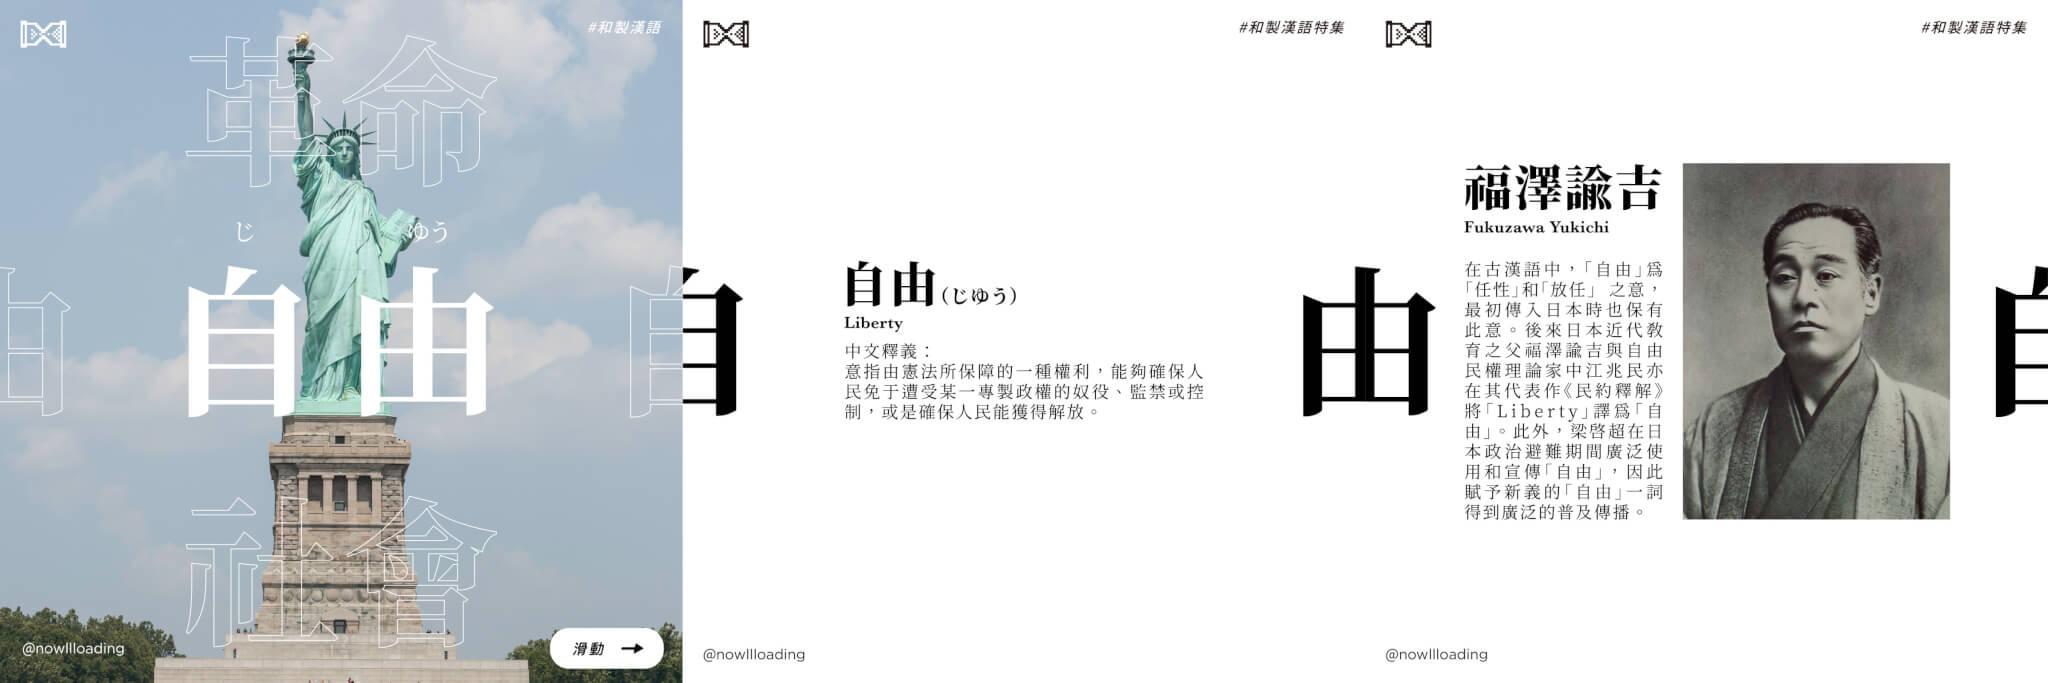 和製漢語「自由」的緣起。(圖片來源:Instagram @nowllloading)